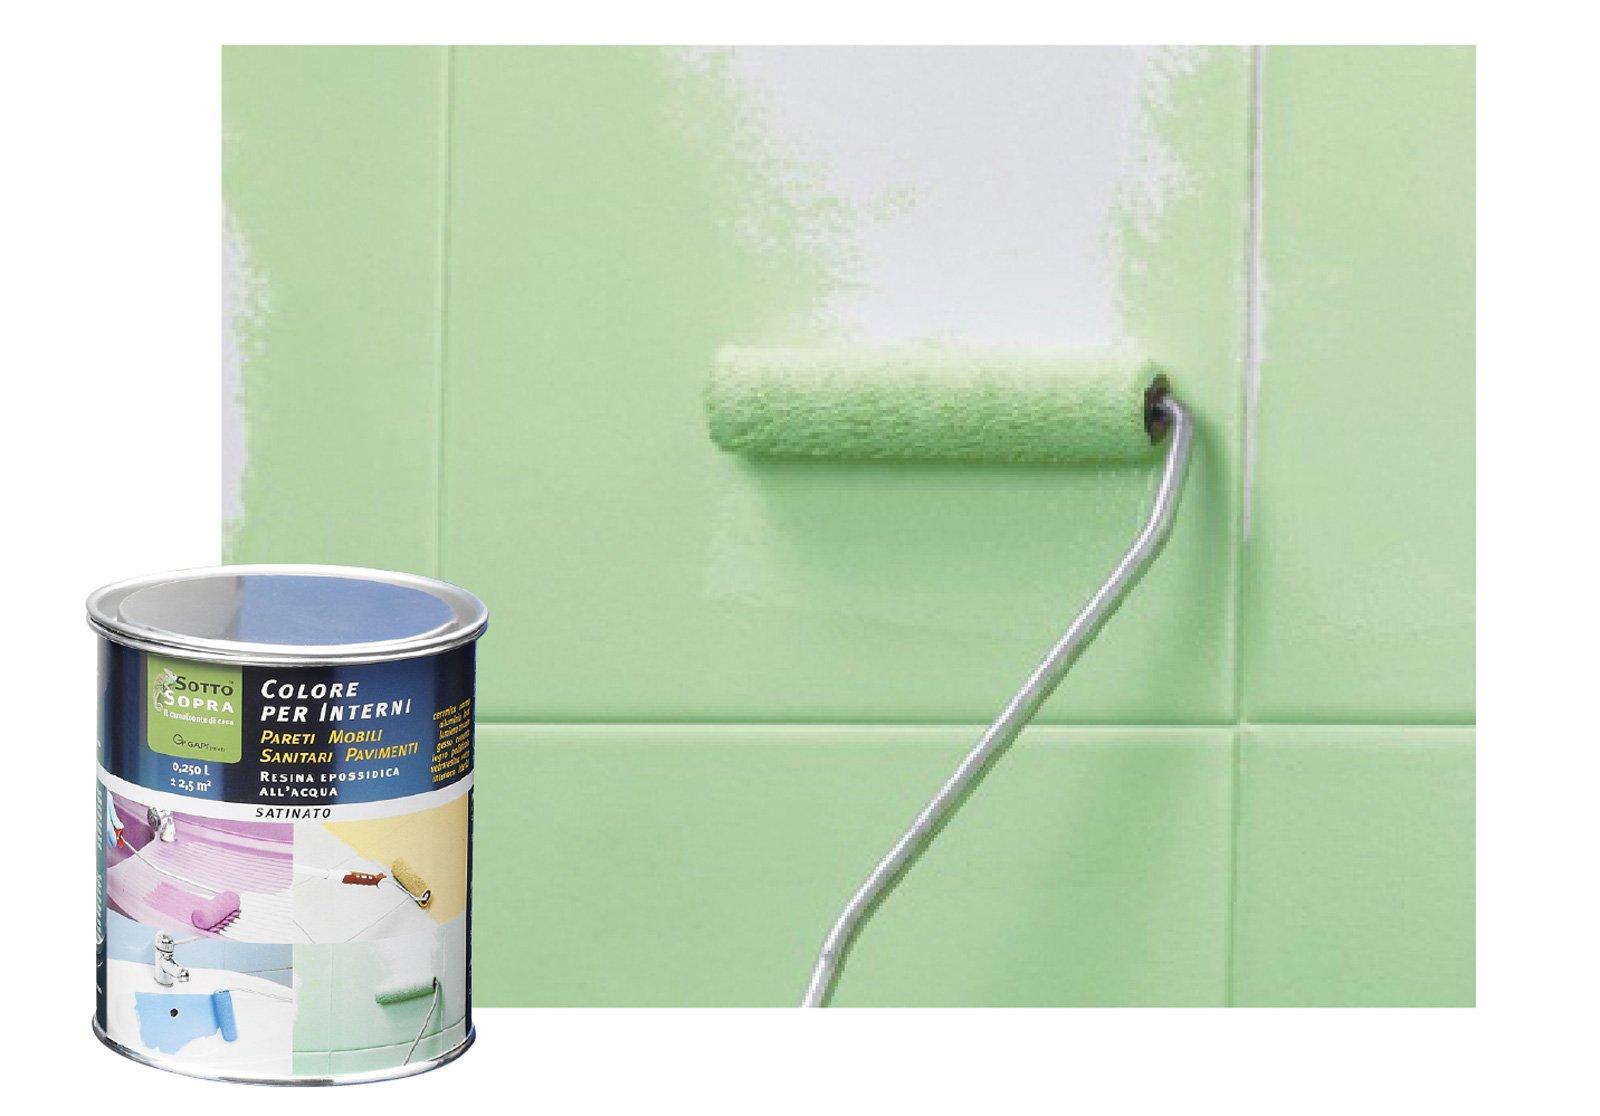 Pitture murali per decorare le pareti cose di casa for Resina epossidica trasparente leroy merlin